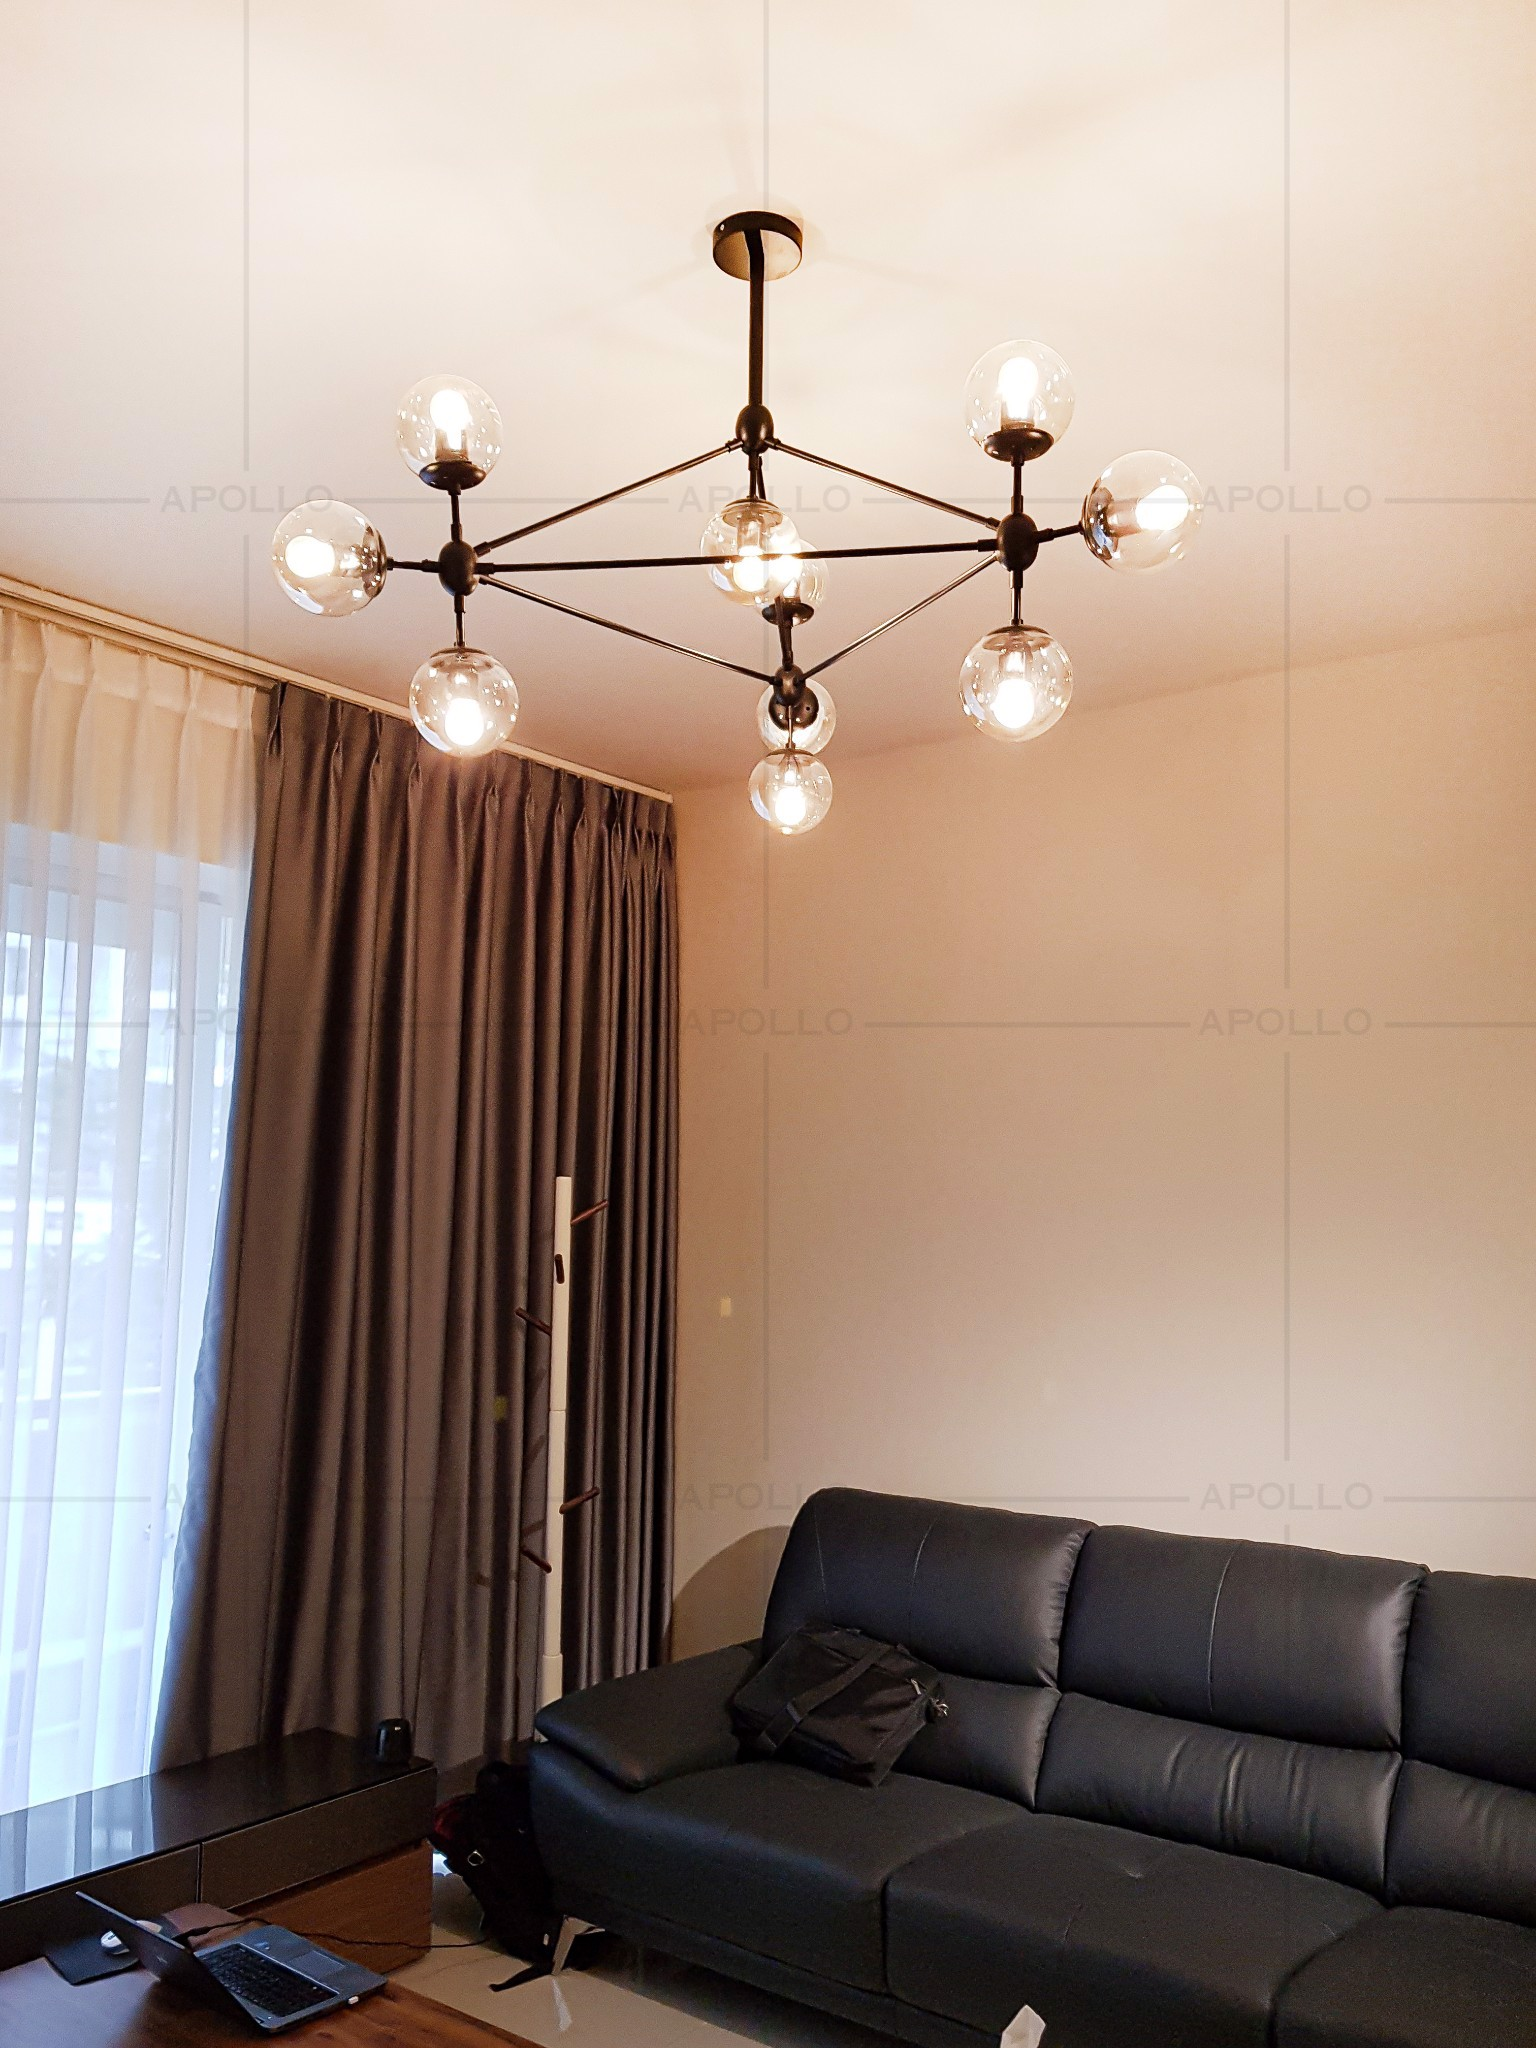 đèn chùm modo 10 đầu trang trí phòng khách căn hộ